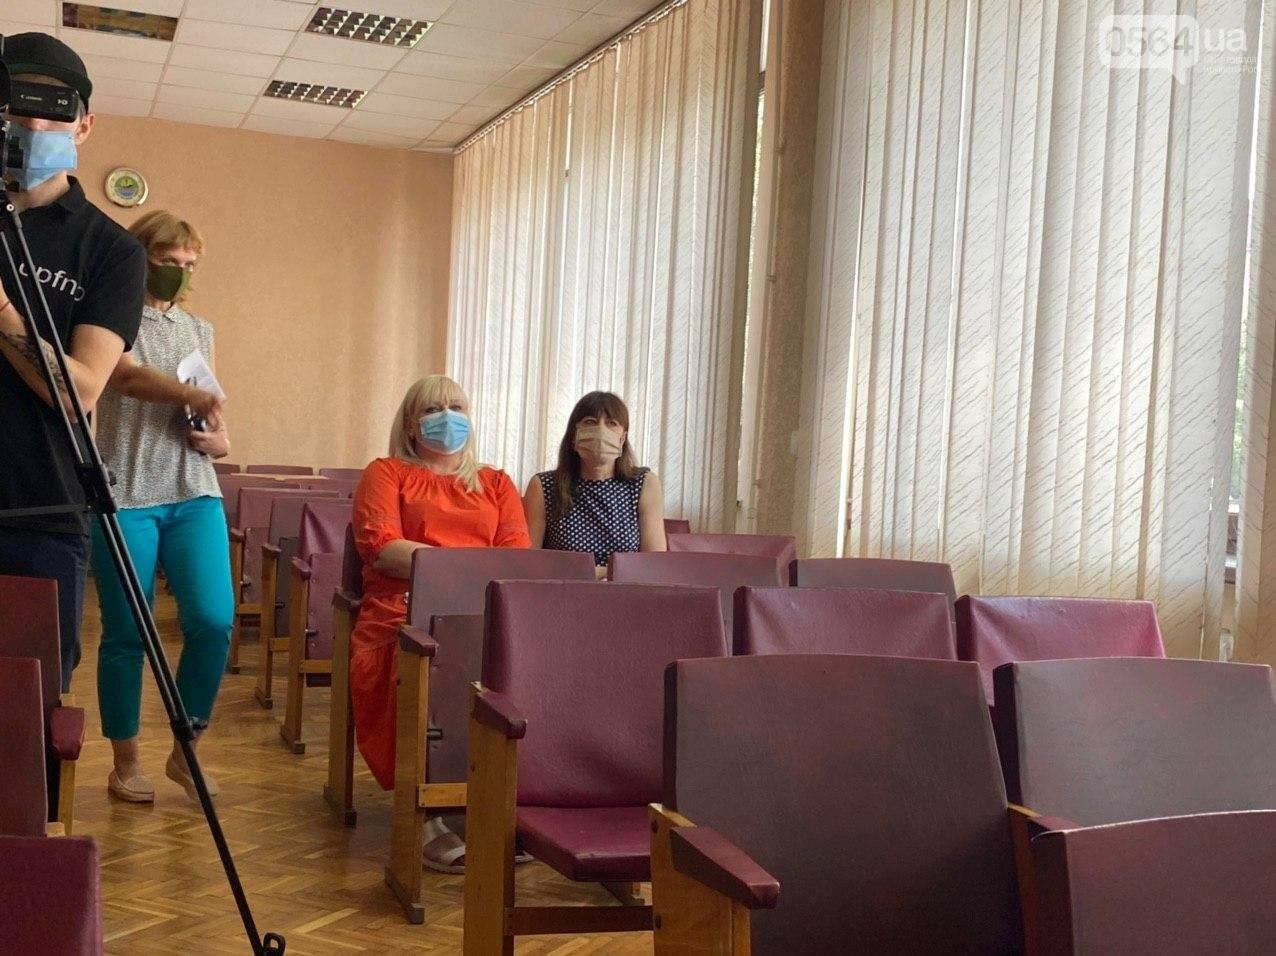 В Кривом Роге состоялось заседание рабочей группы по выплате 30 миллионов на покупку жилья бойцам АТО, - ФОТО, ВИДЕО, фото-2